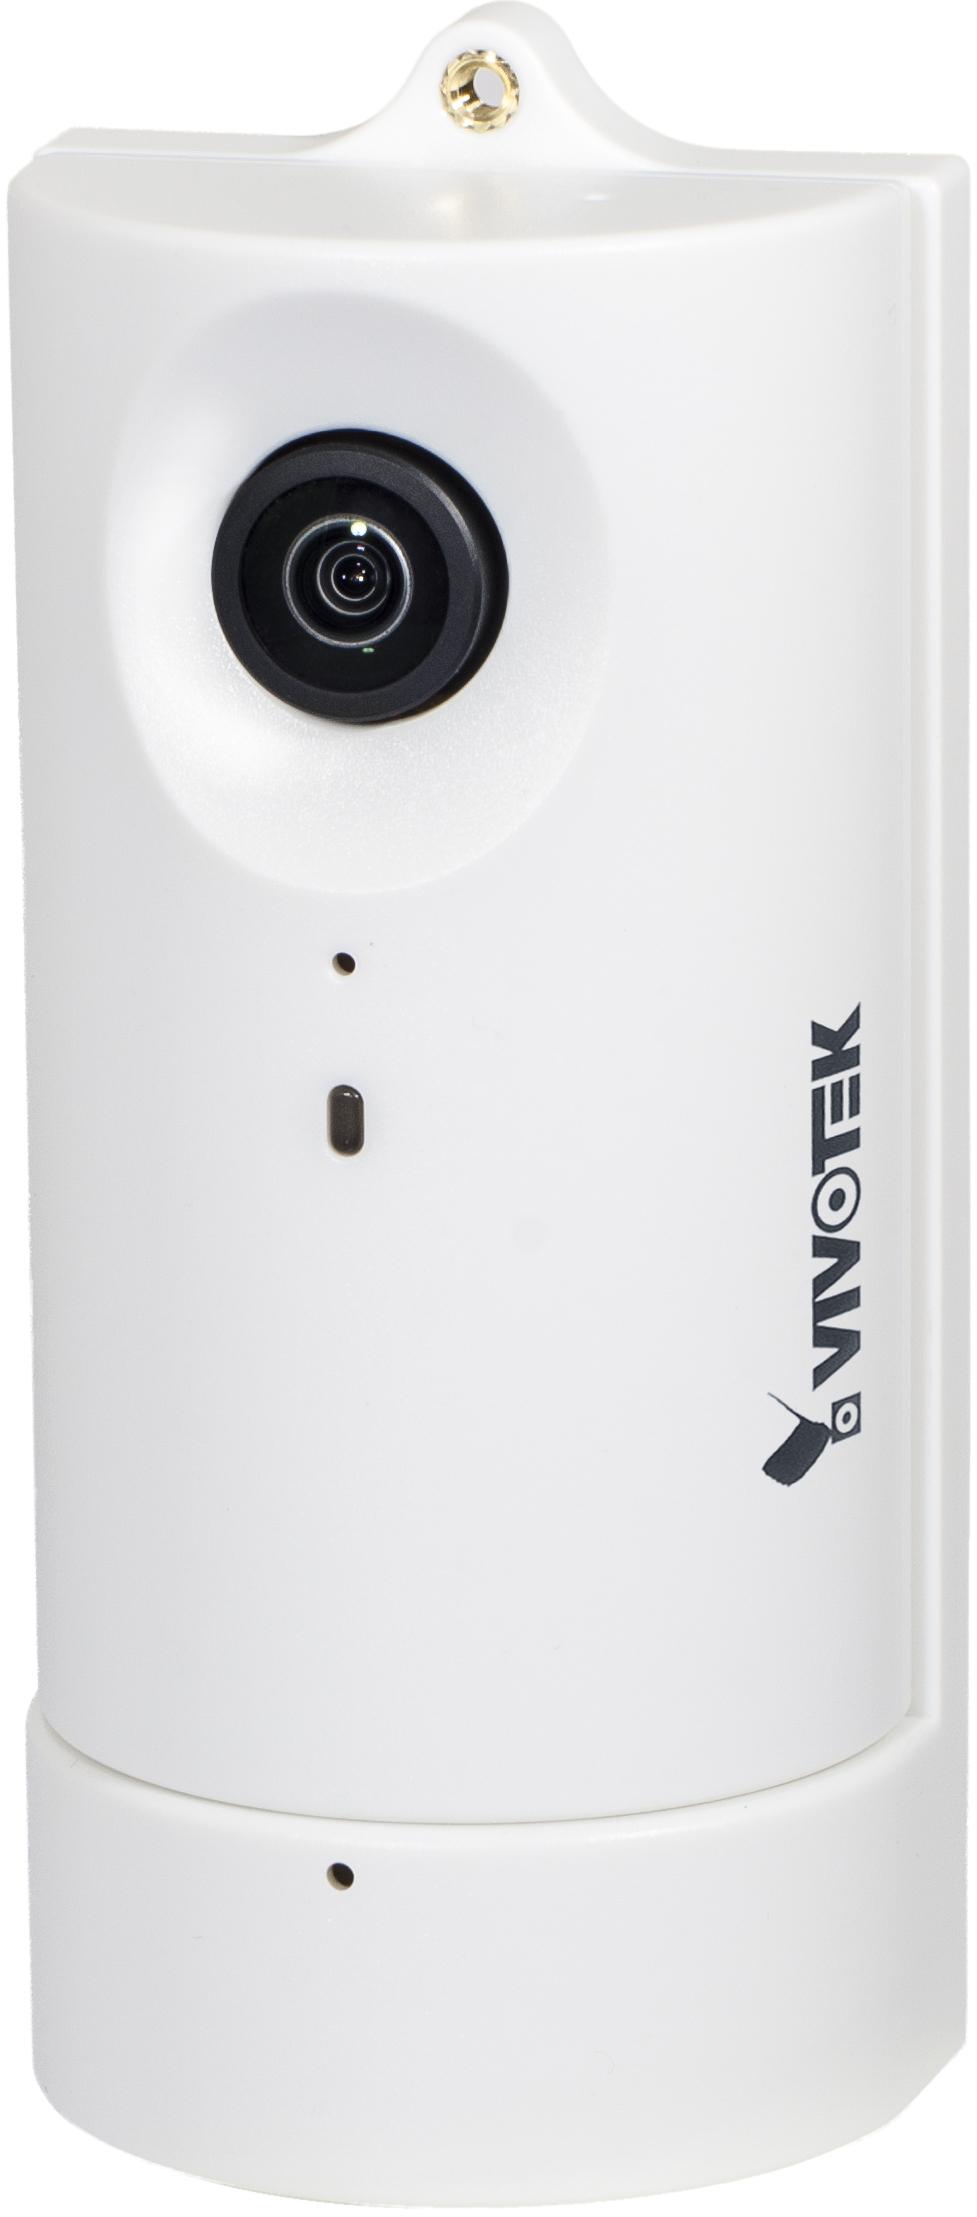 精巧型百萬畫素全景網路攝影機